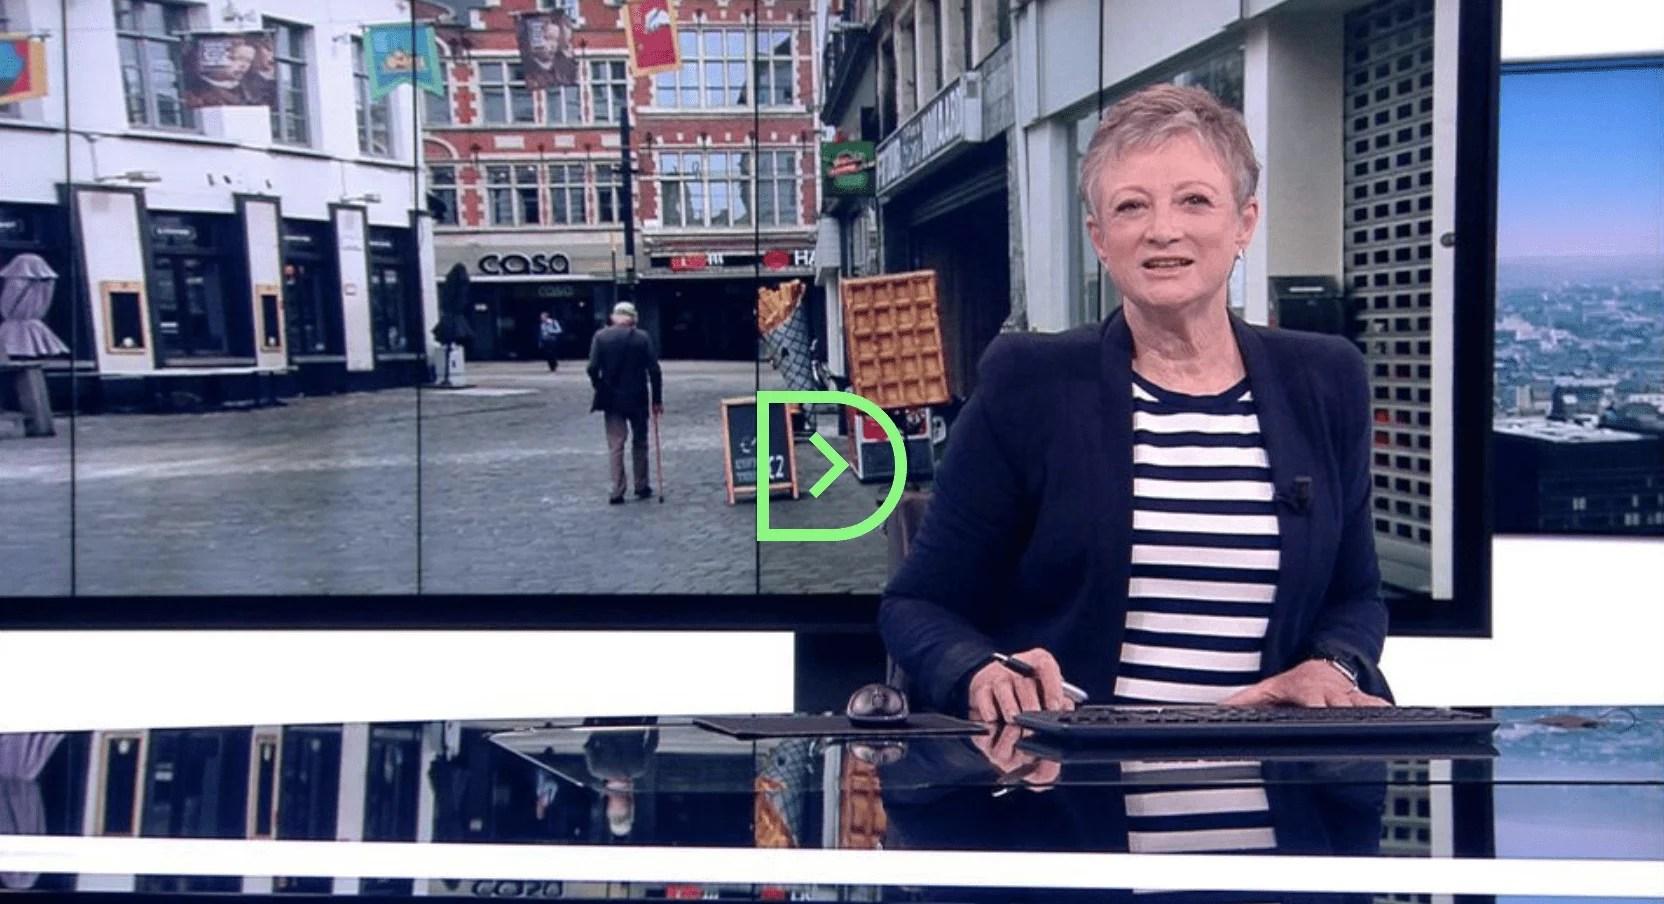 Martine Tanghe, l'icône du journal télévisé de la VRT, prend sa retraite après 42 ans de carrière